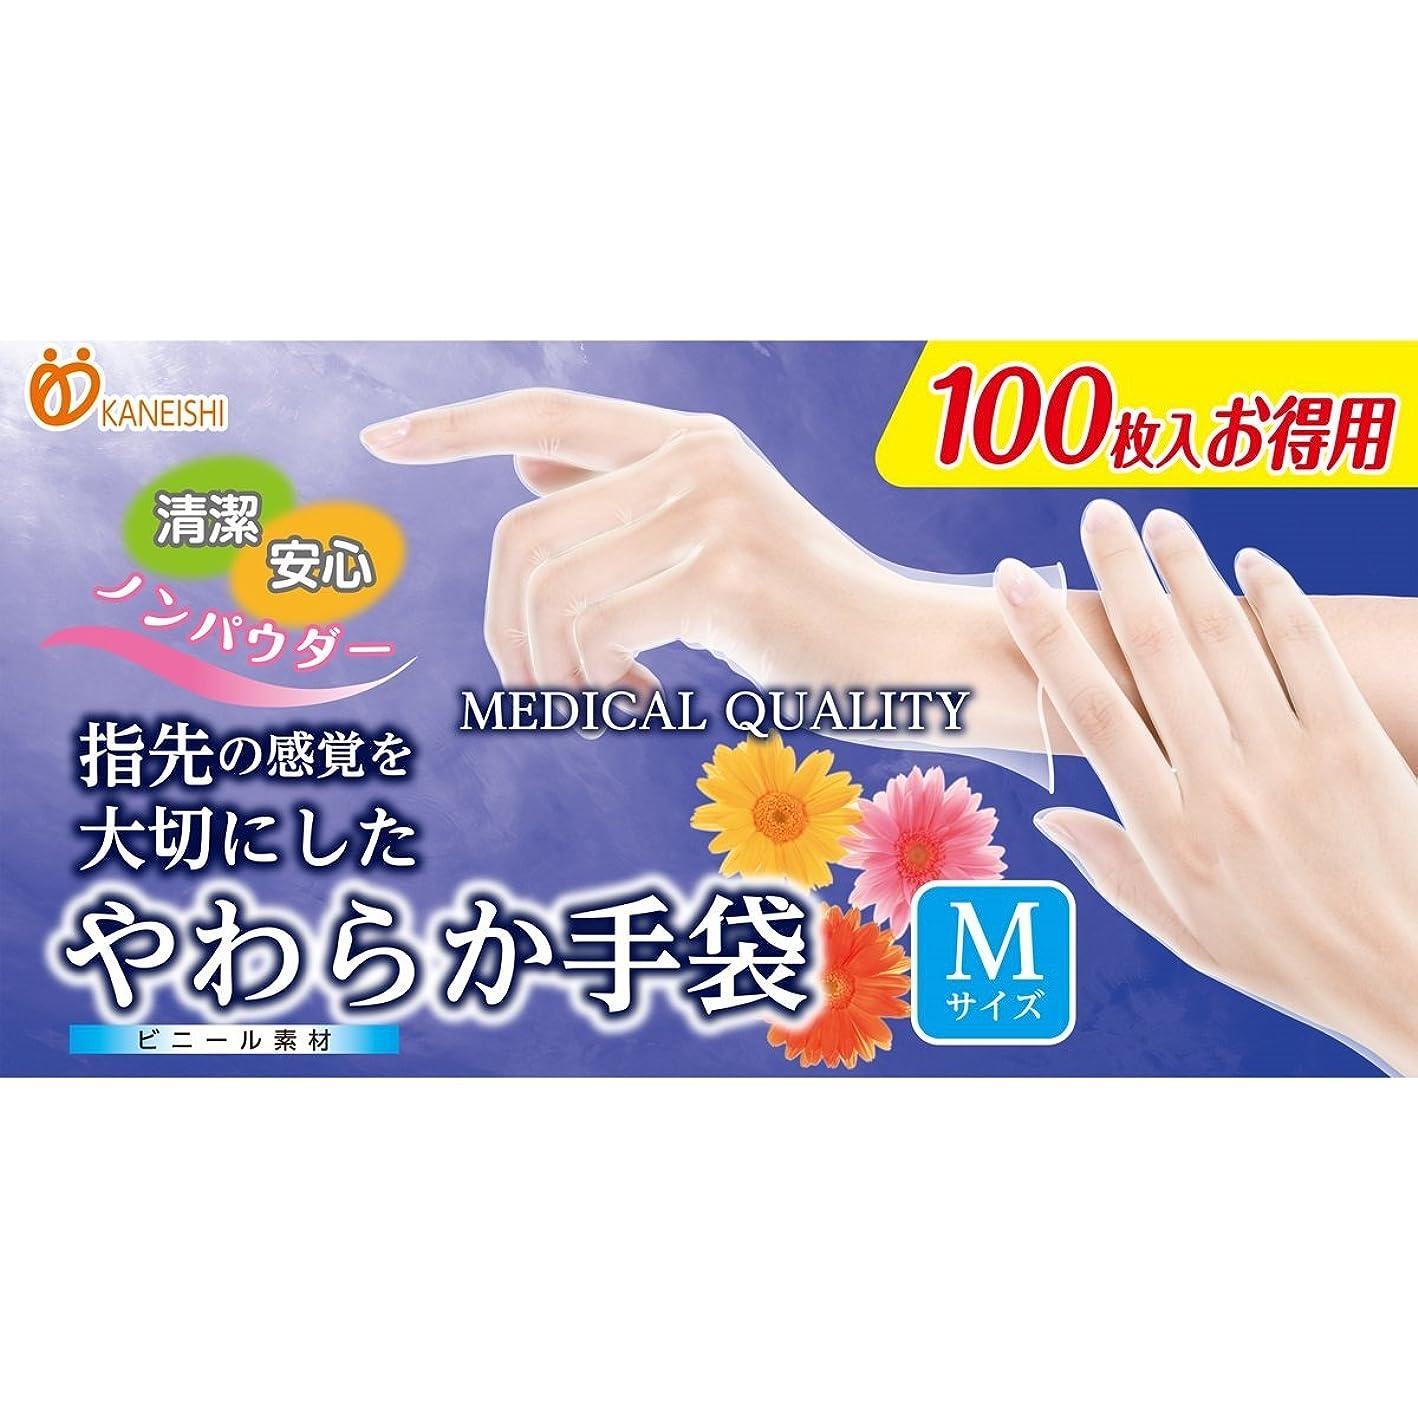 スプーン特異なさせるやわらか手袋 ビニール素材 Mサイズ 100枚入